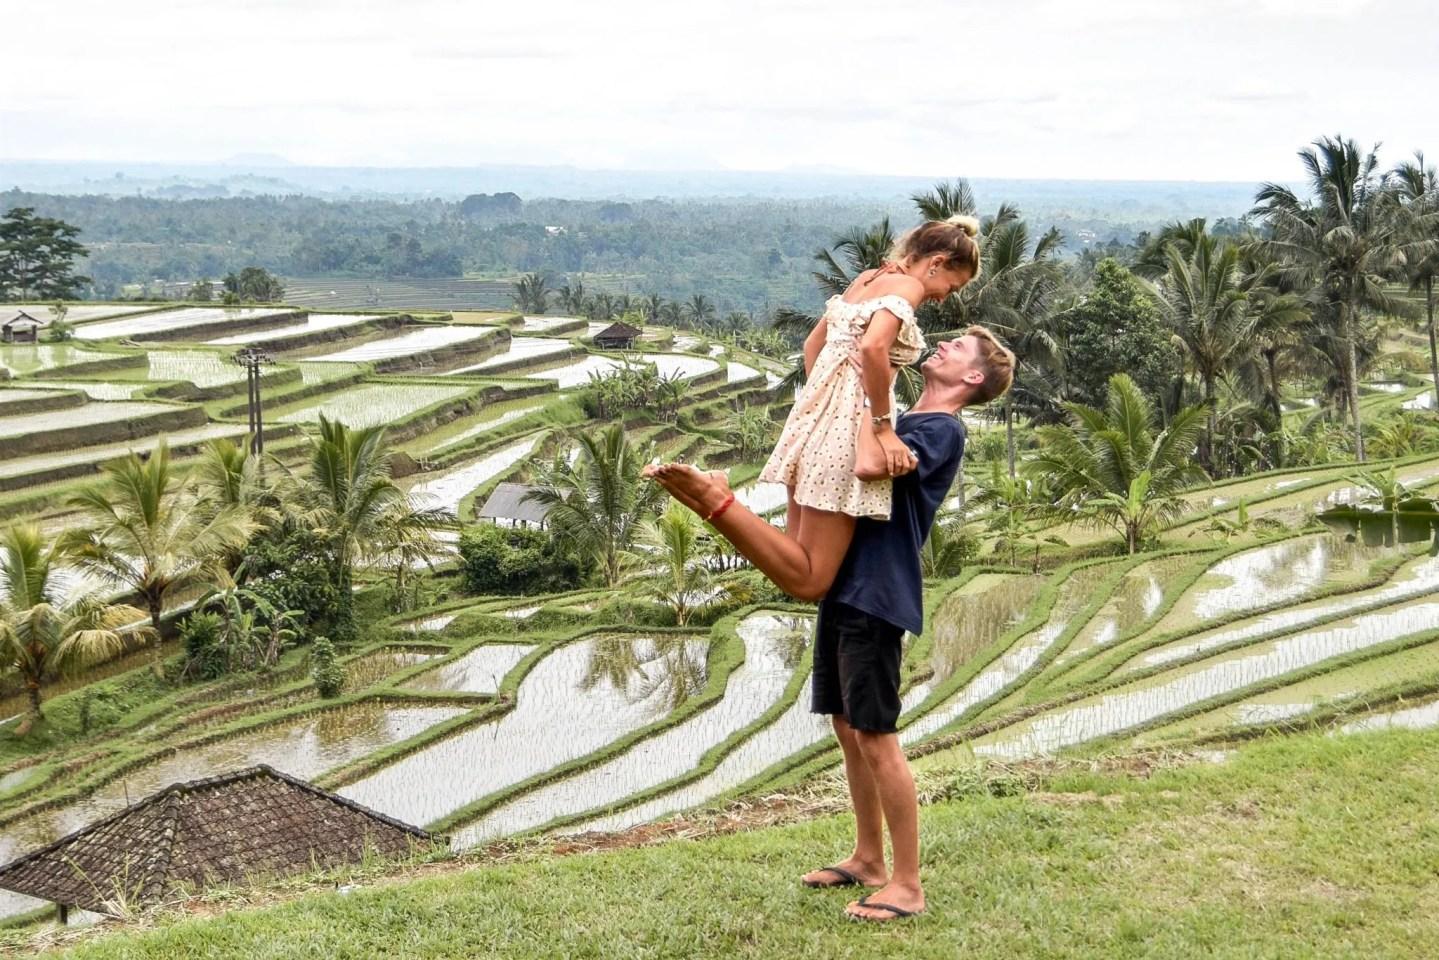 Jatiluwih Rice Terrace Bali – The Best Rice Fields In Bali?